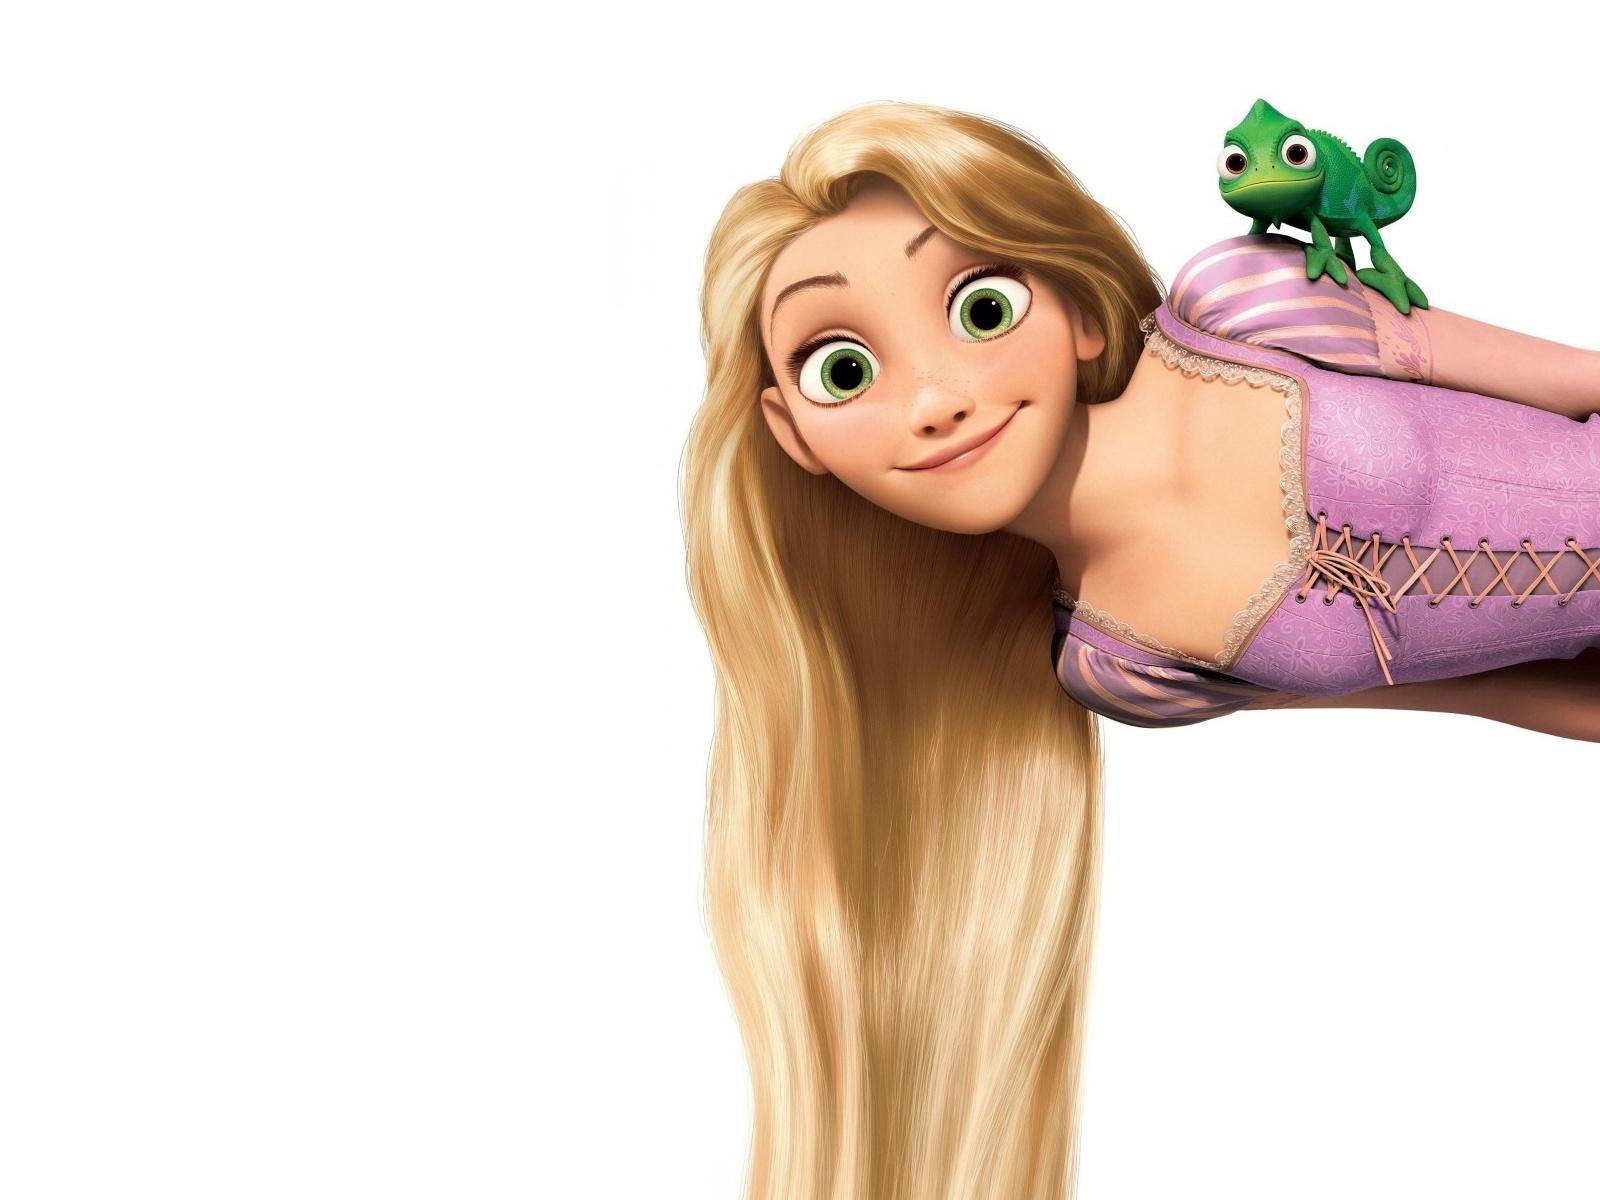 Resultado de imagen para rapunzel png